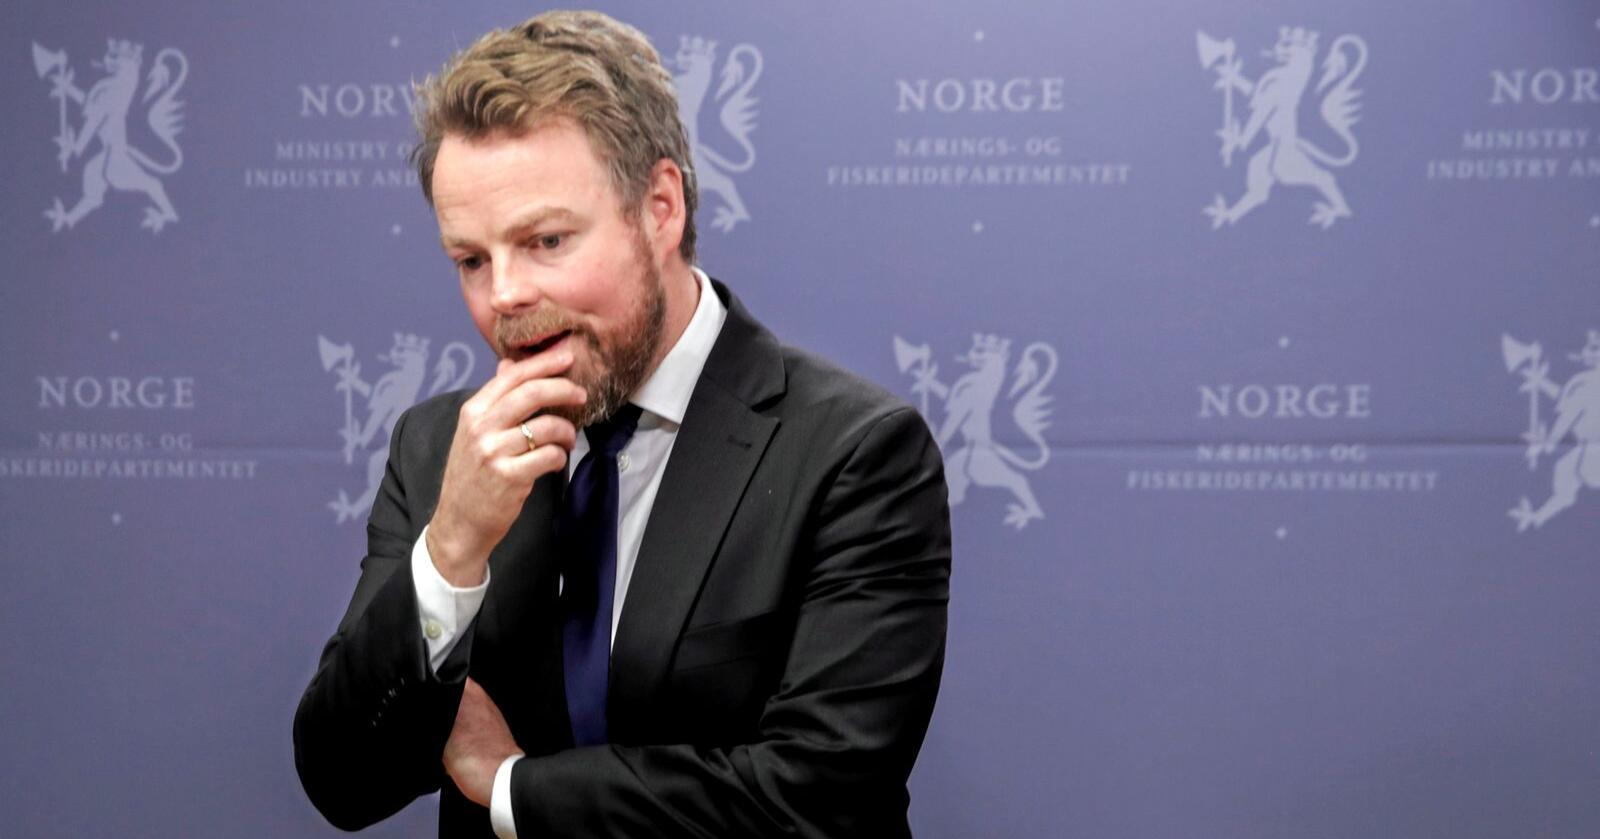 Næringsminister Torbjørn Røe Isaksen. Foto: Vidar Ruud / NTB scanpix